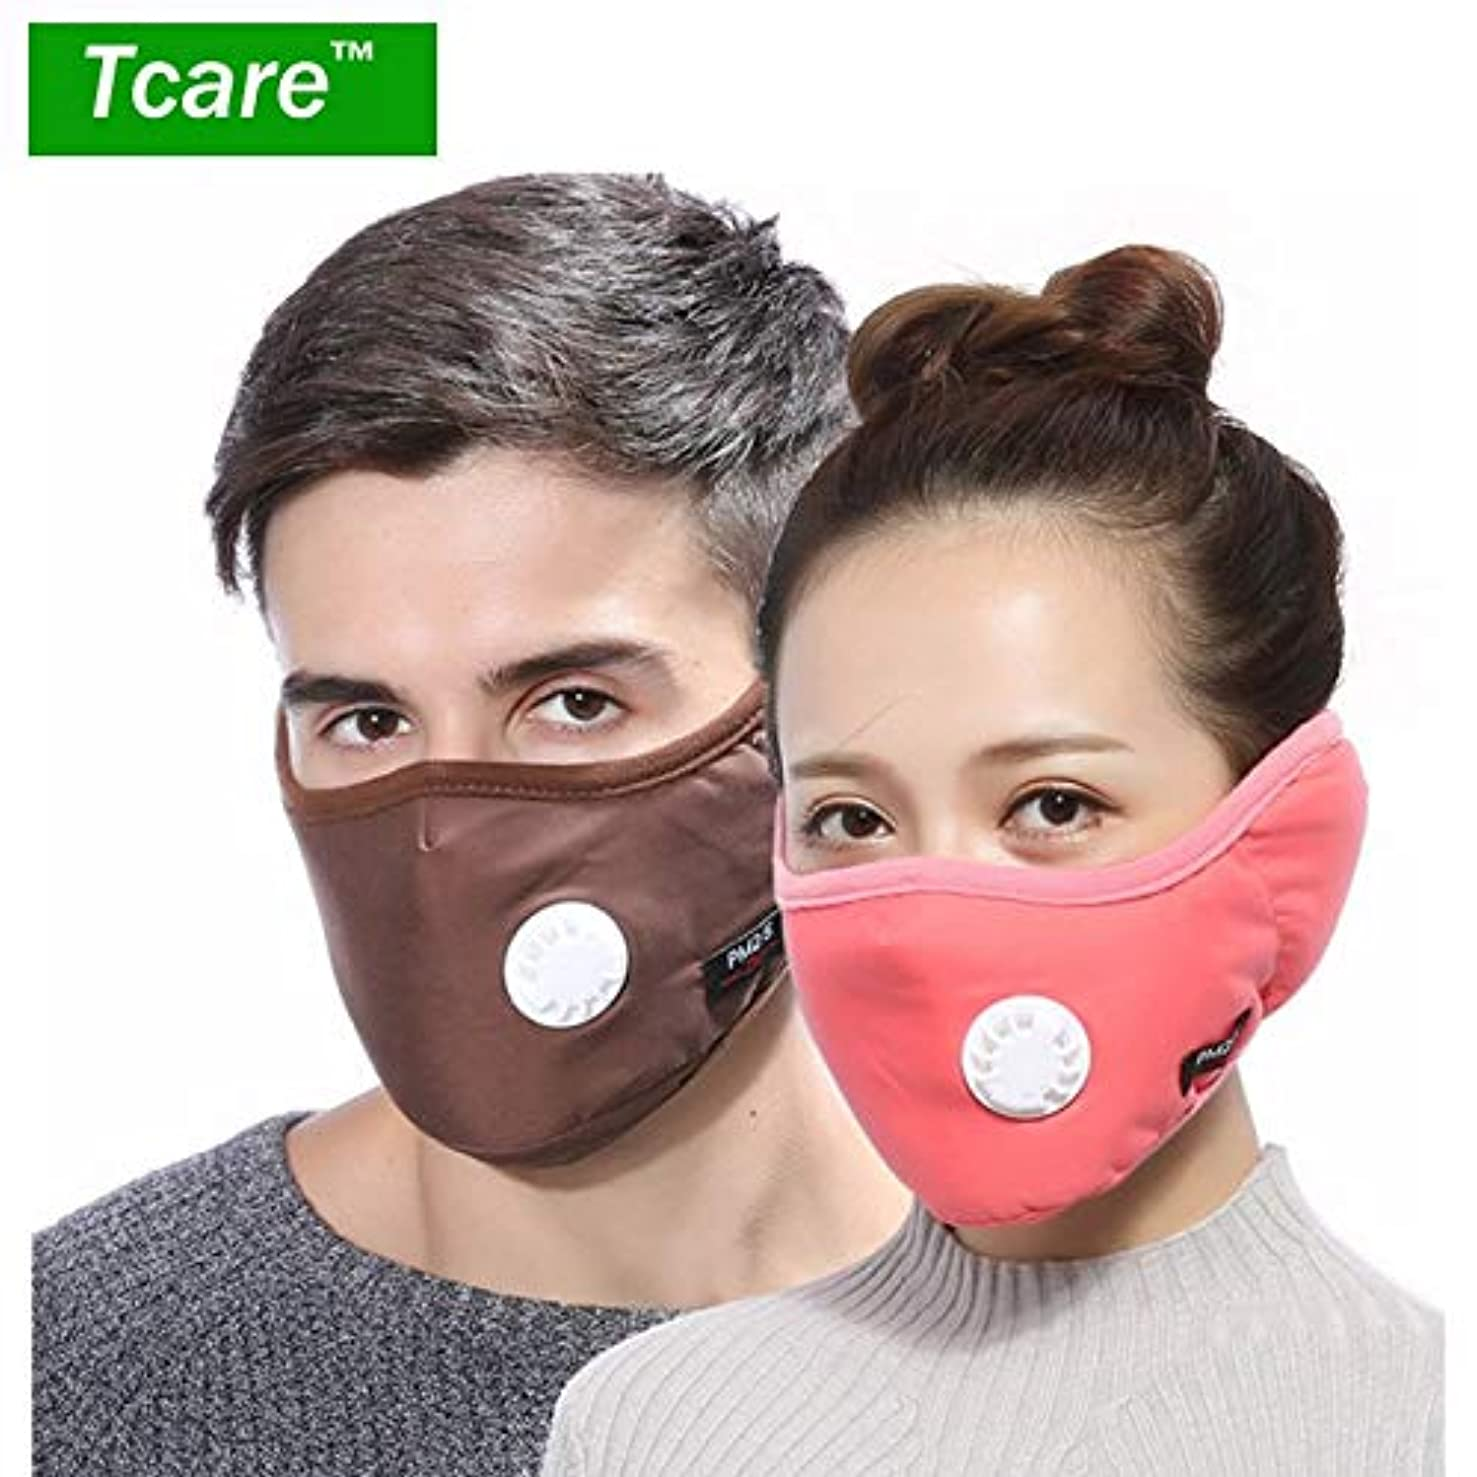 お気に入り単調な水6 Waternレッド:1 PM2.5マスクバルブコットンアンチダスト口マスクの冬のイヤーマフActtedフィルター付マスクでTcare 2